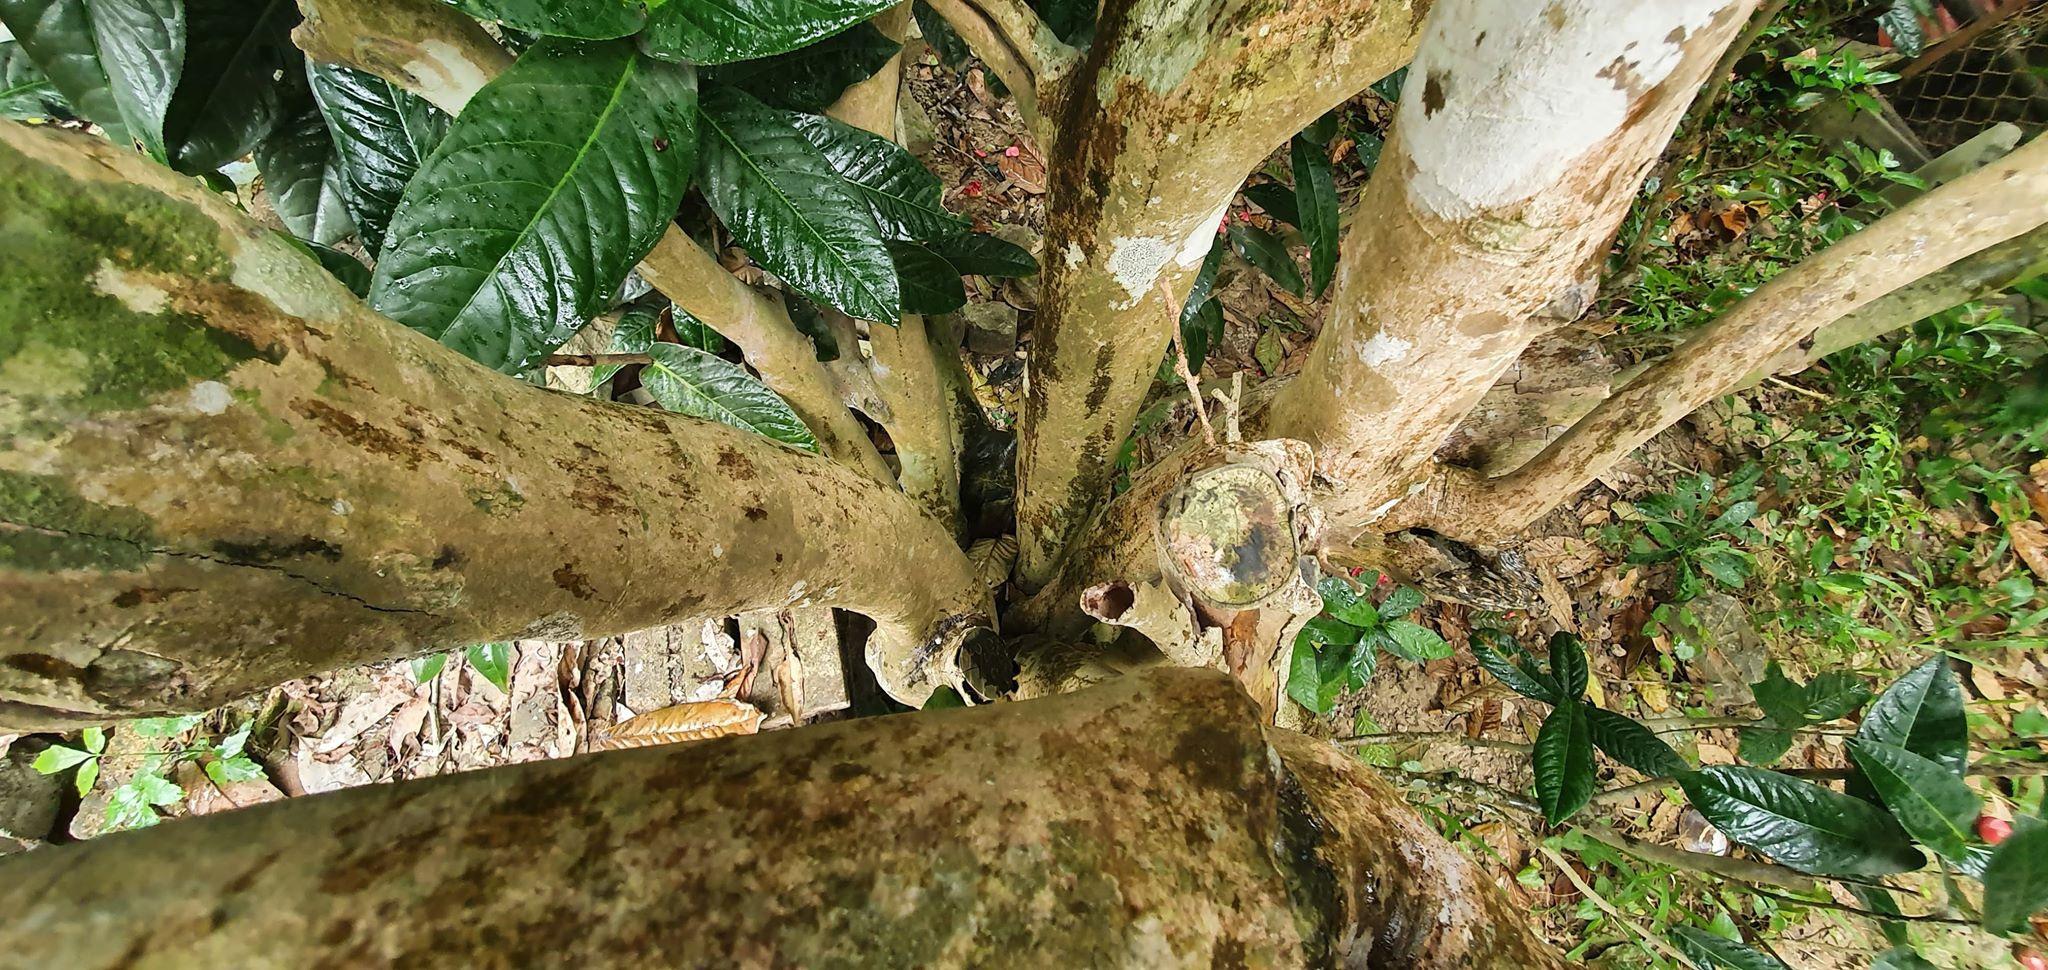 Về làng hoa Đồng Dụ ngắm cây hải đường cổ thụ hơn trăm tuổi - 3